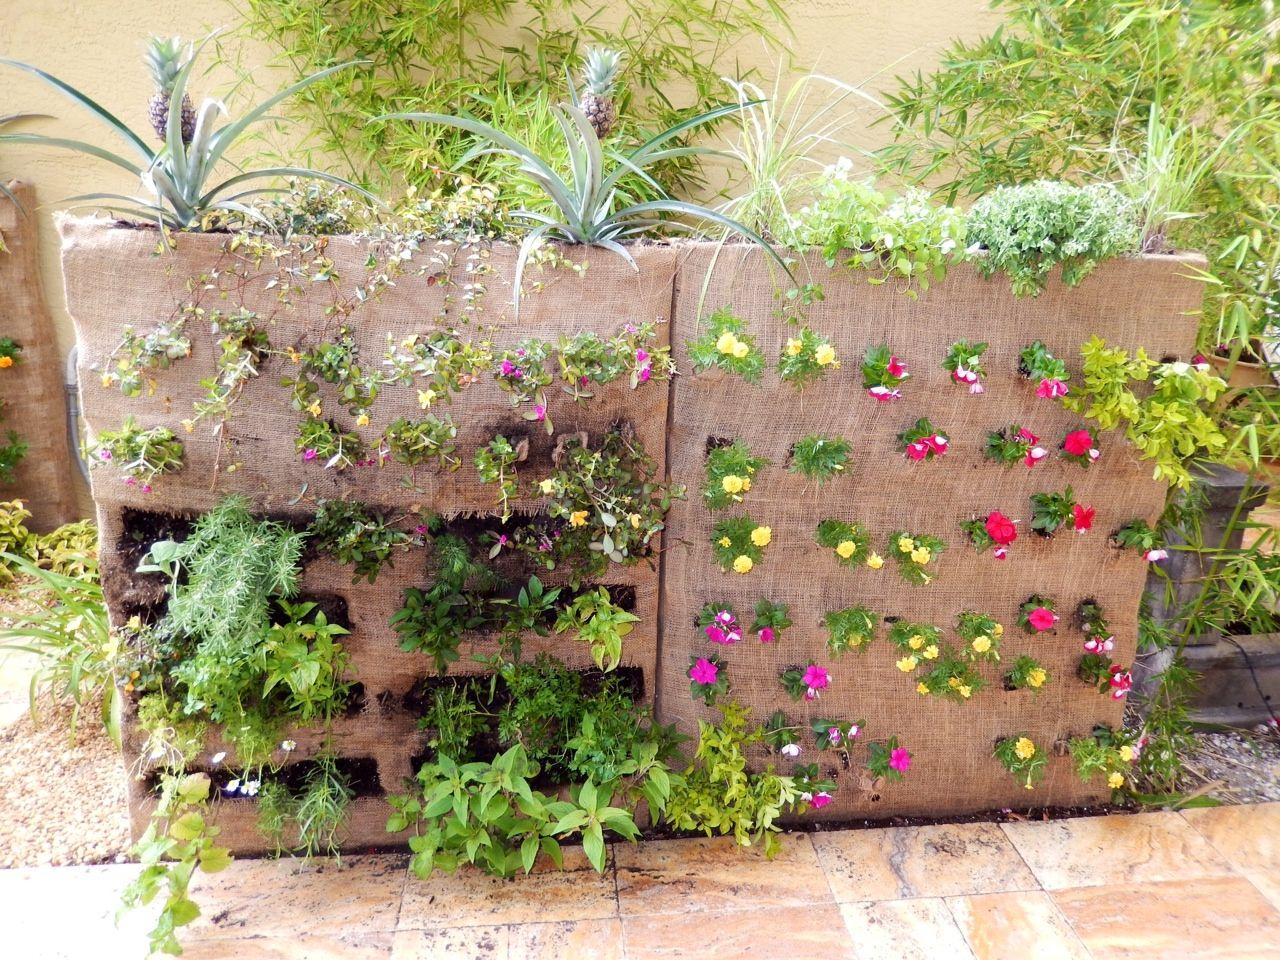 diy vertical garden diy projects pinterest. Black Bedroom Furniture Sets. Home Design Ideas